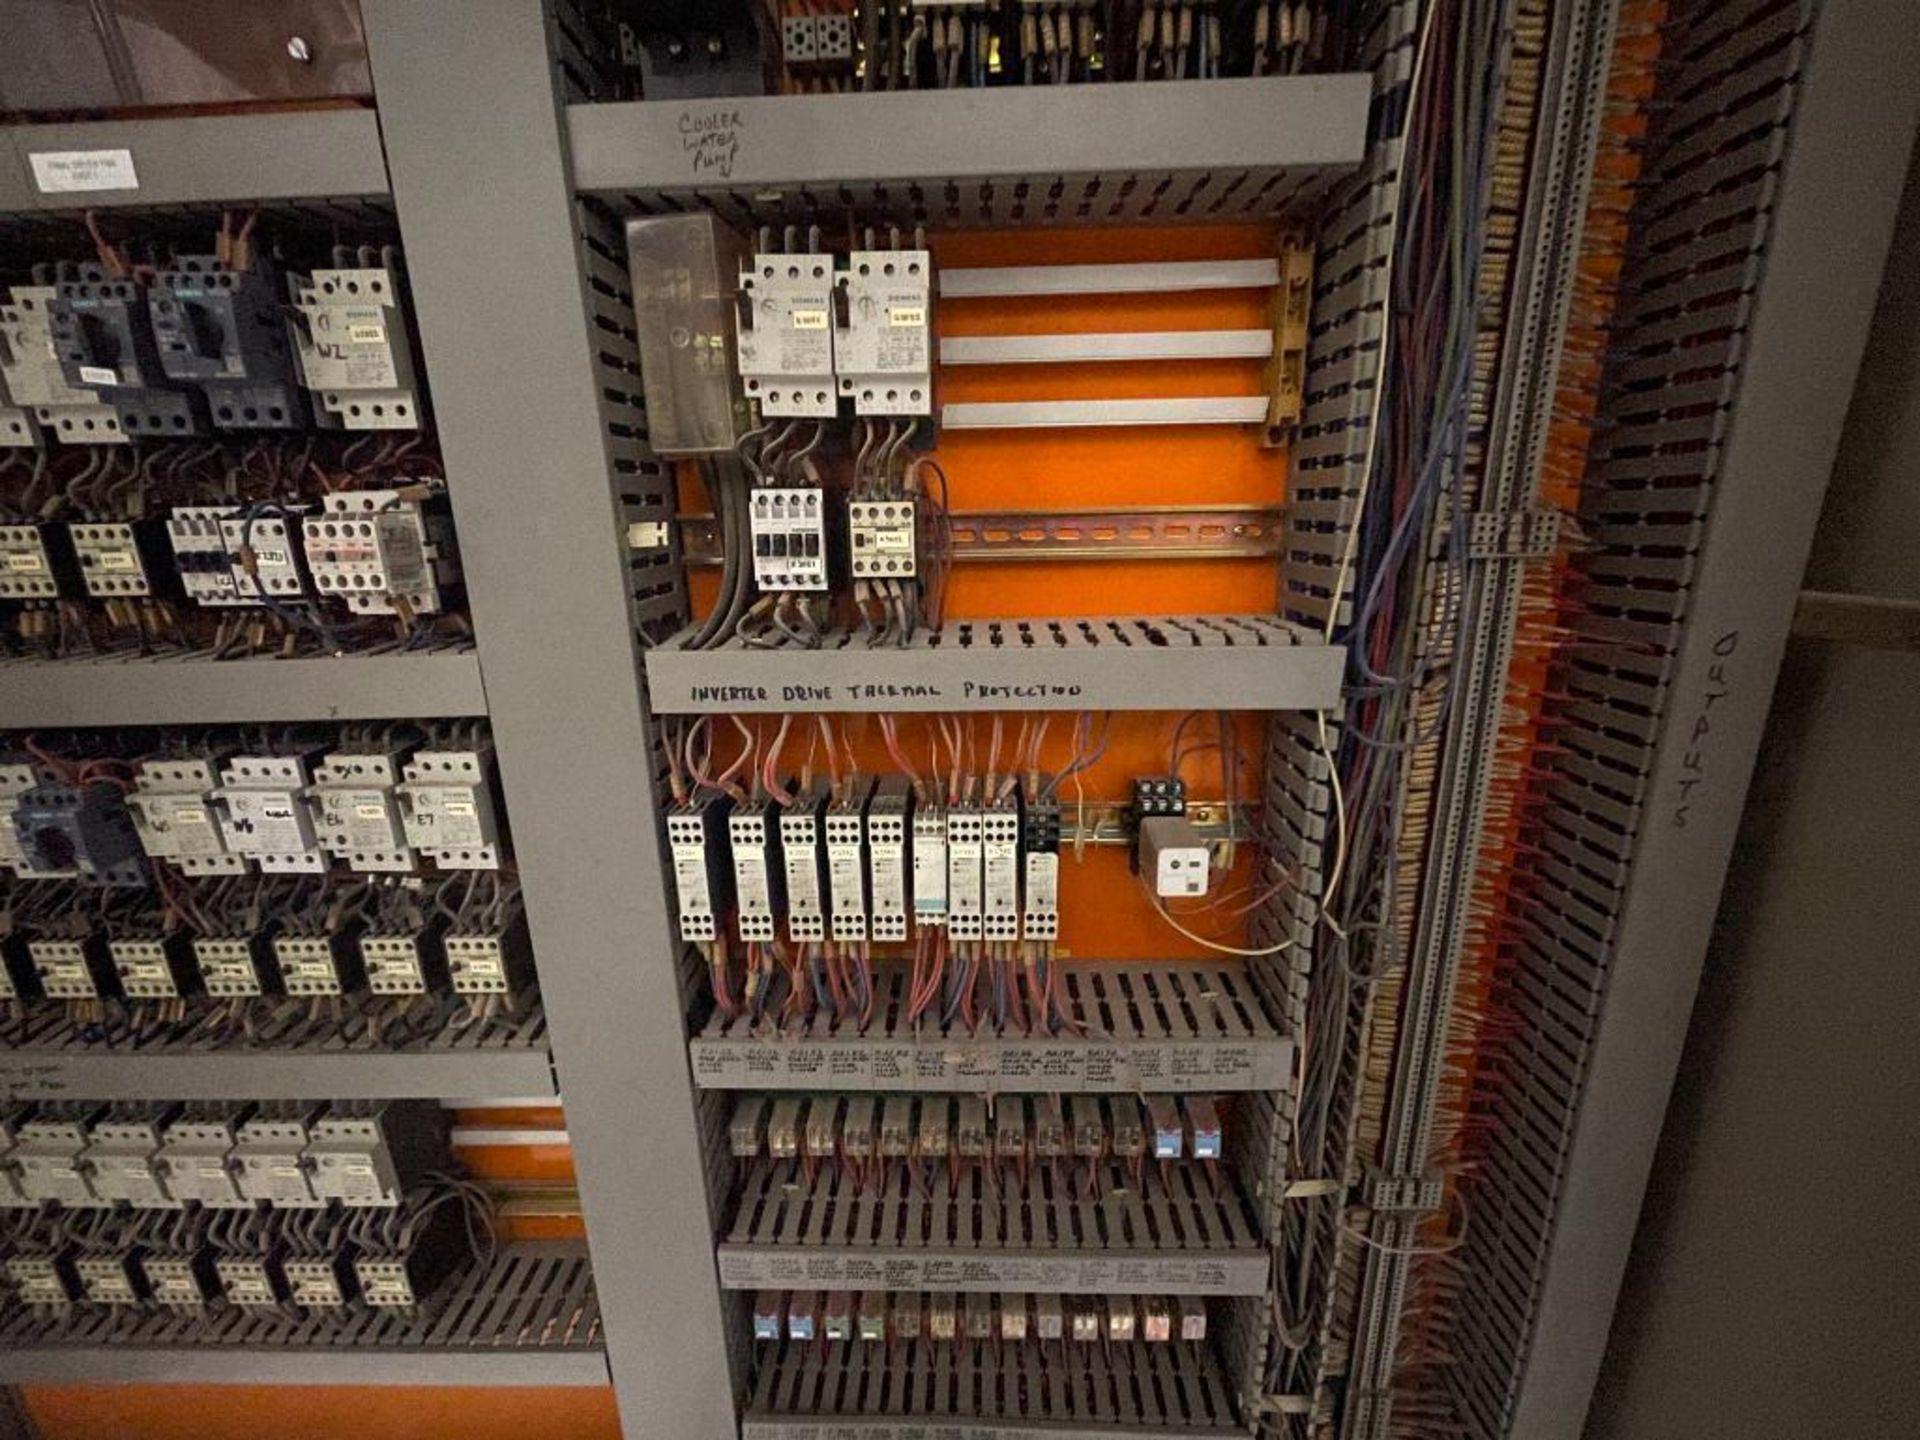 7-door mild steel air conditioned control cabinet, 5-VFD's - Image 41 of 43